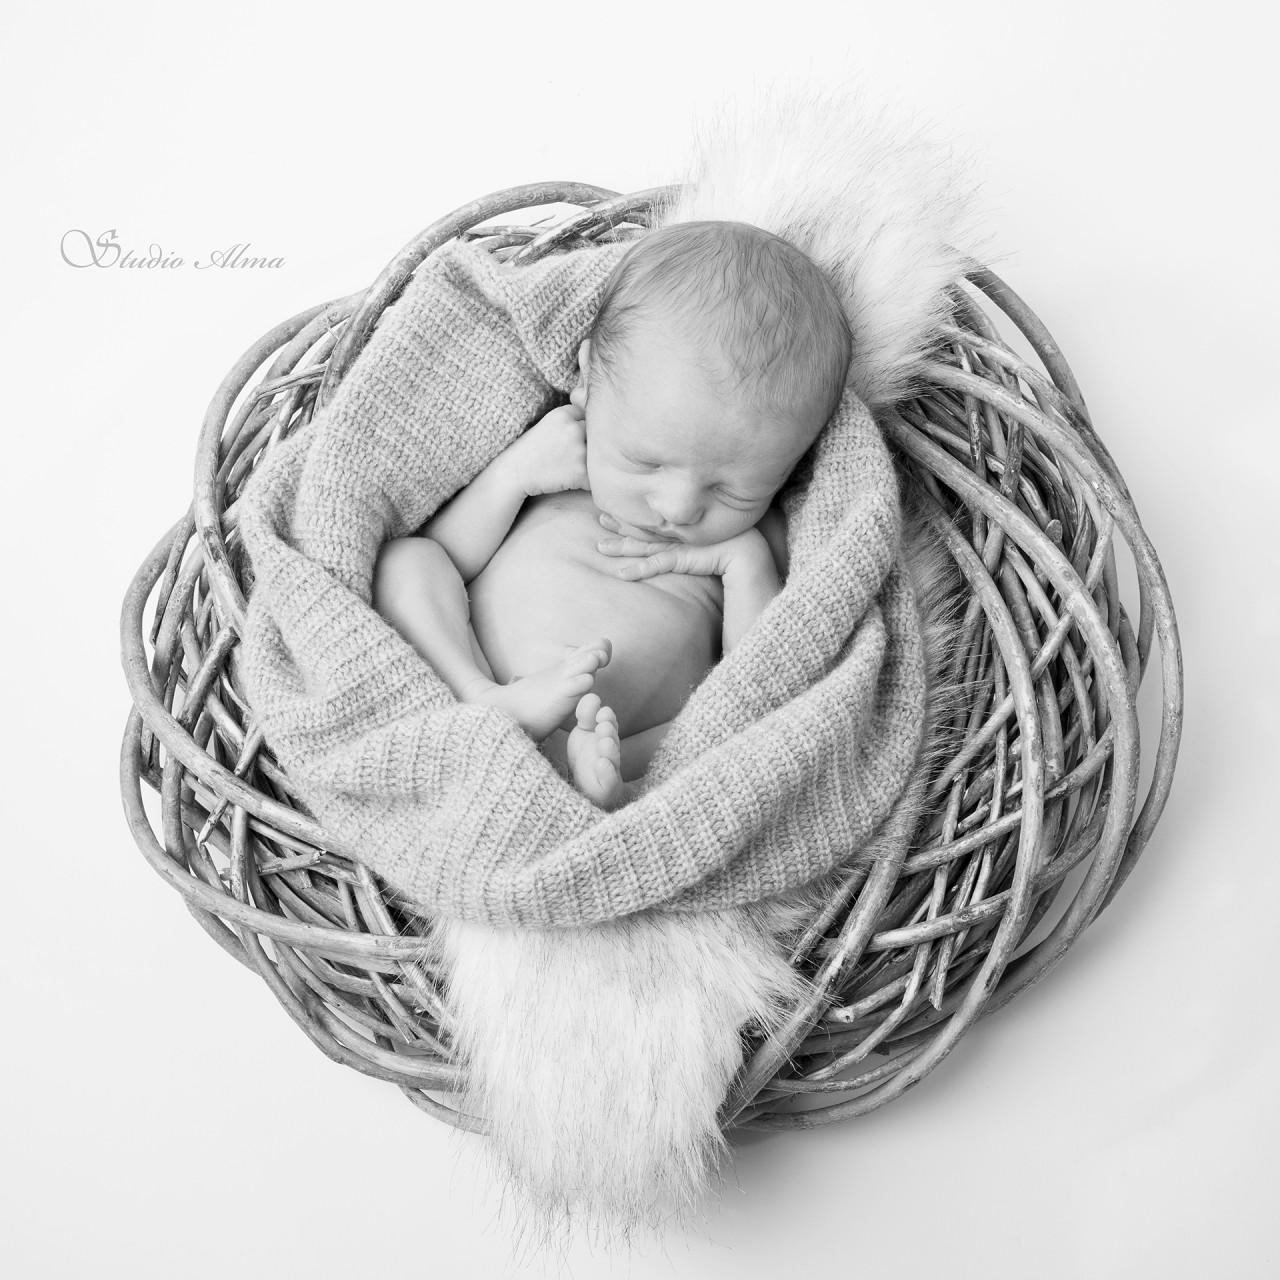 nyfødt-matheo-studioalma-rede